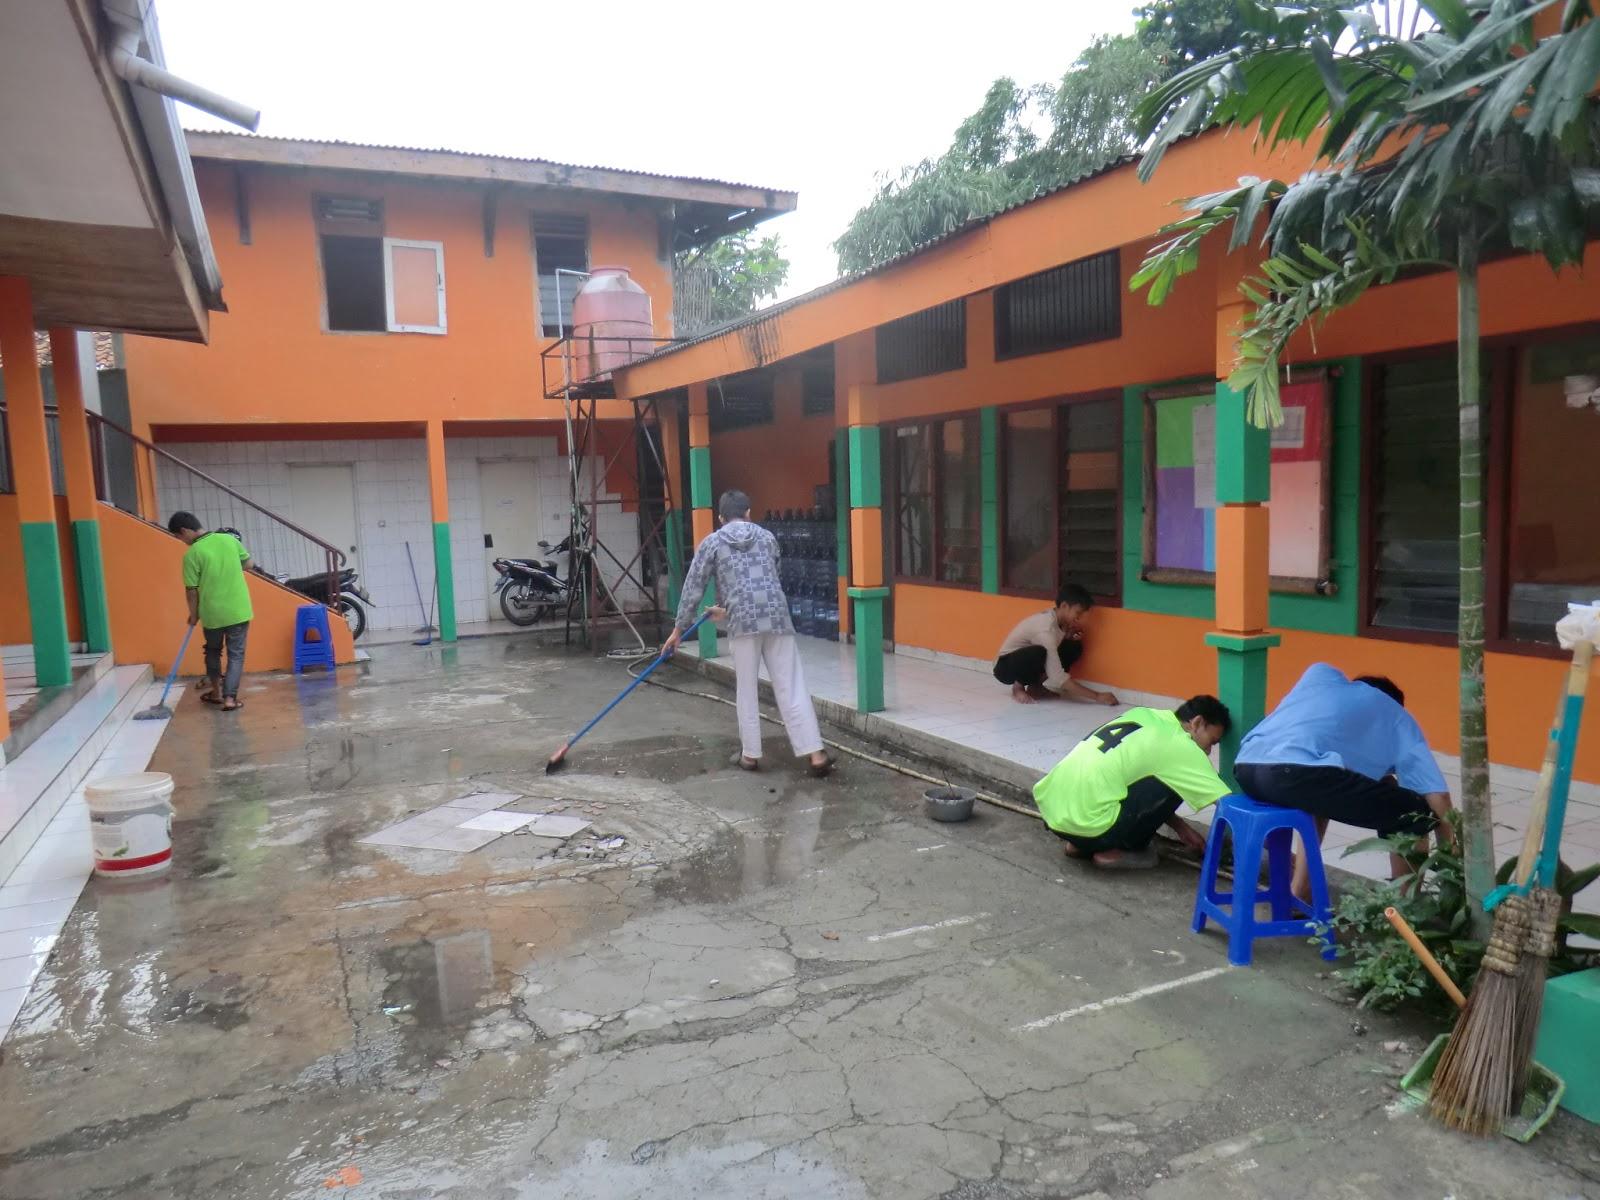 Contoh Pidato Dalam Bahasa Bali Tema Pendidikan Contoh Pidato Singkat Tolong Menolong Dalam Kebaikan Pidato Bahasa Inggris Tentang Kebersihan